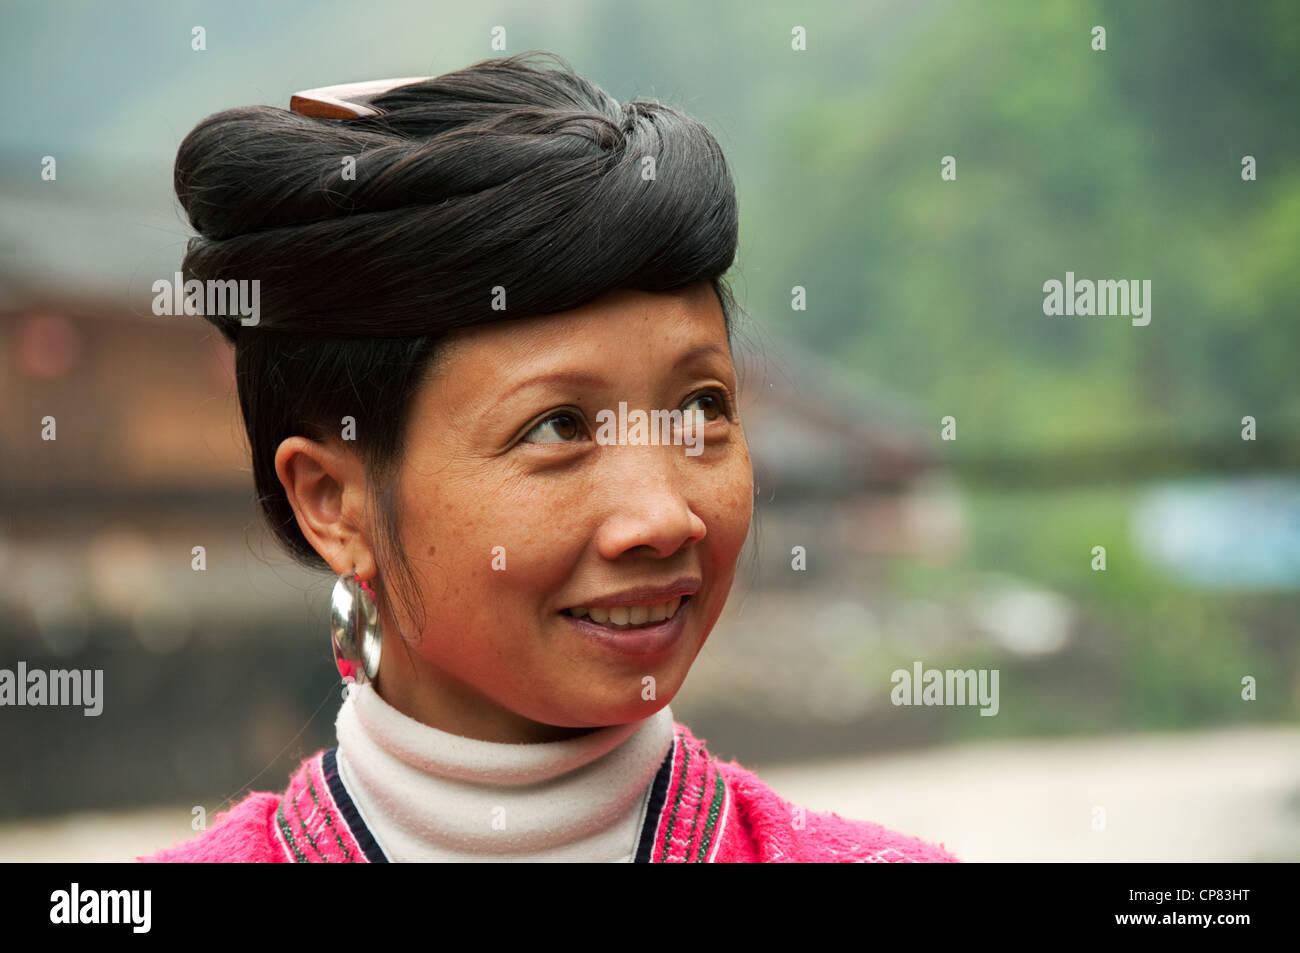 Yao Junge Frau Mit Traditionellen Frisur Einer Frau Ohne Kinder